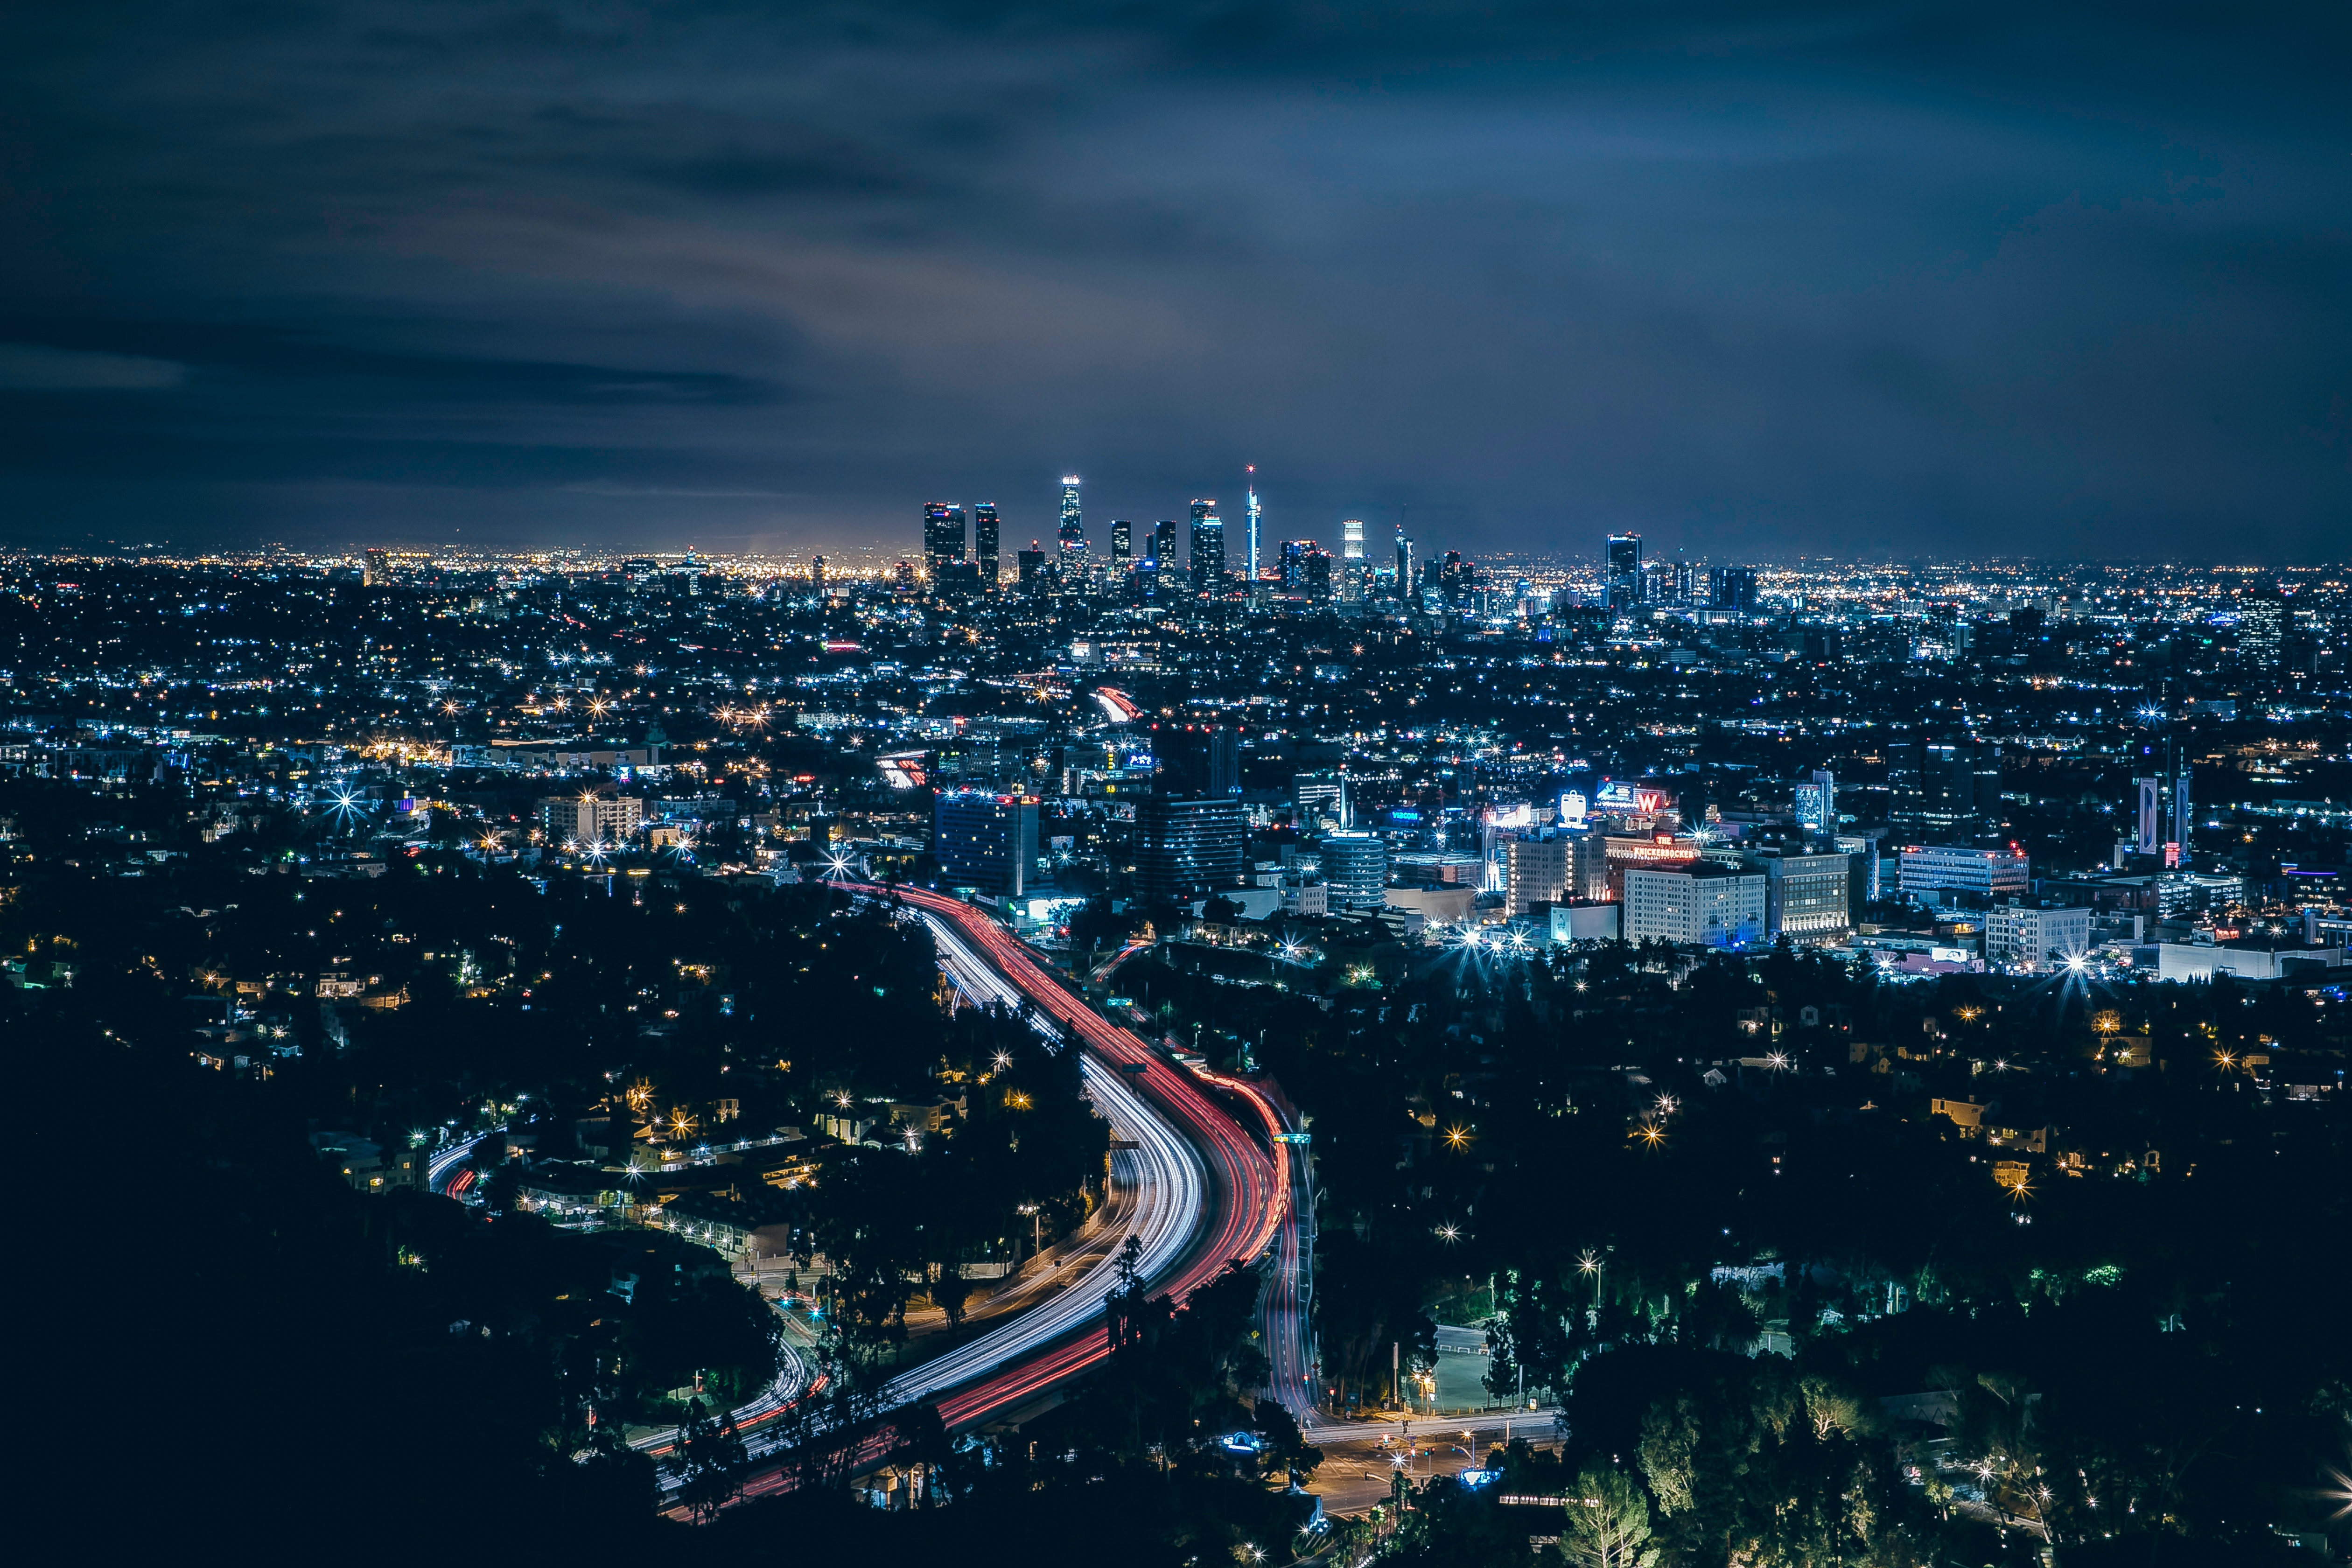 103306 Hintergrundbild 240x400 kostenlos auf deinem Handy, lade Bilder Städte, Übernachtung, Usa, Wolkenkratzer, Blick Von Oben, Los Angeles 240x400 auf dein Handy herunter